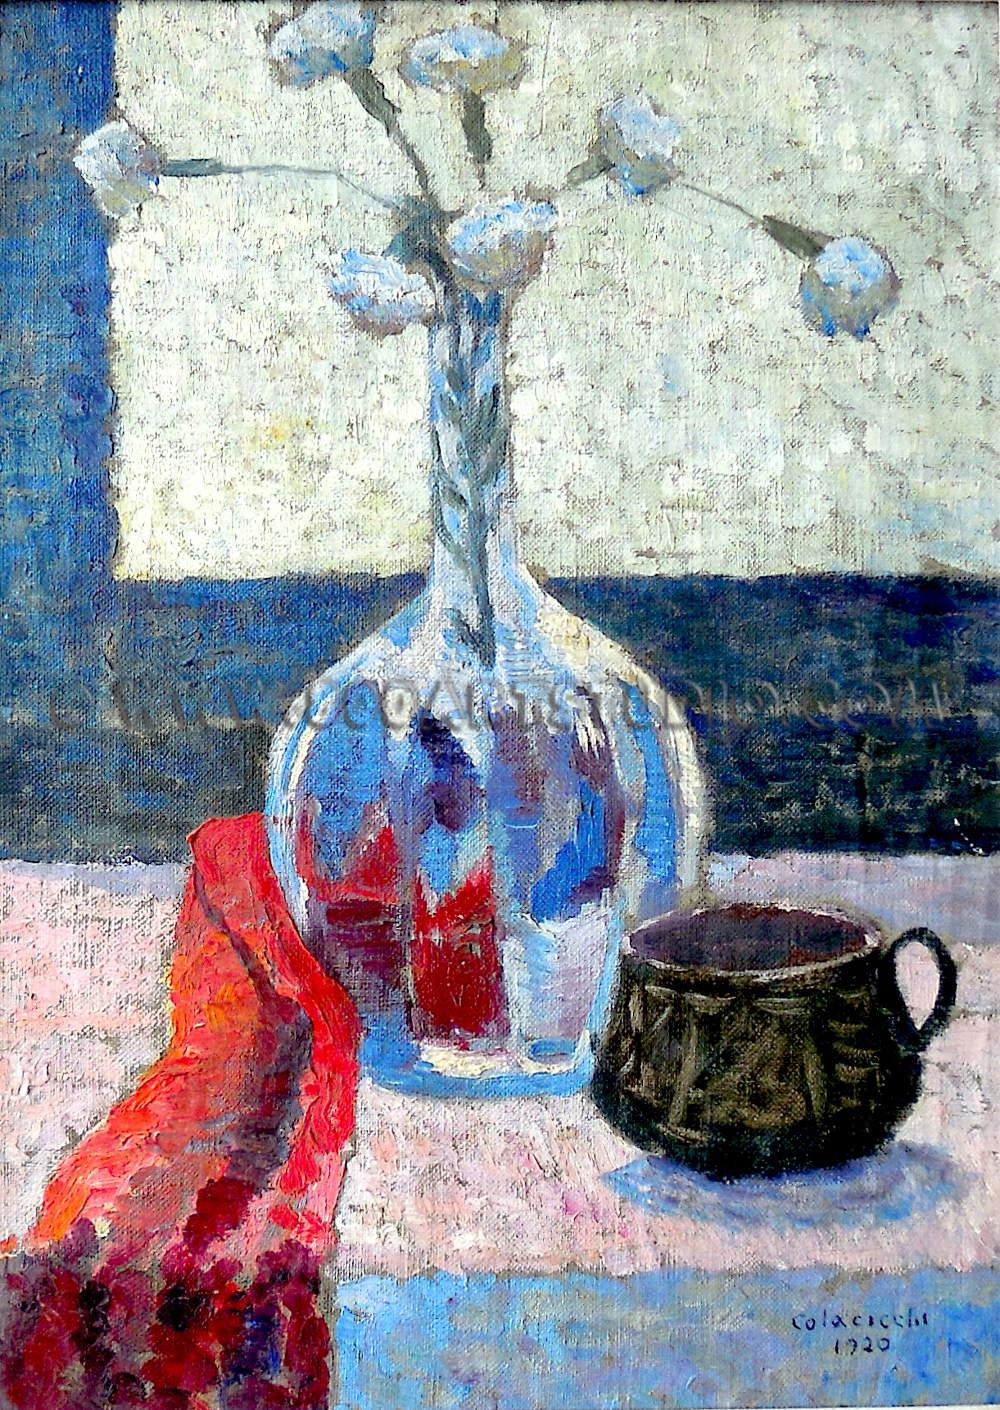 Giovanni Colacicchi - Natura morta con panno rosso